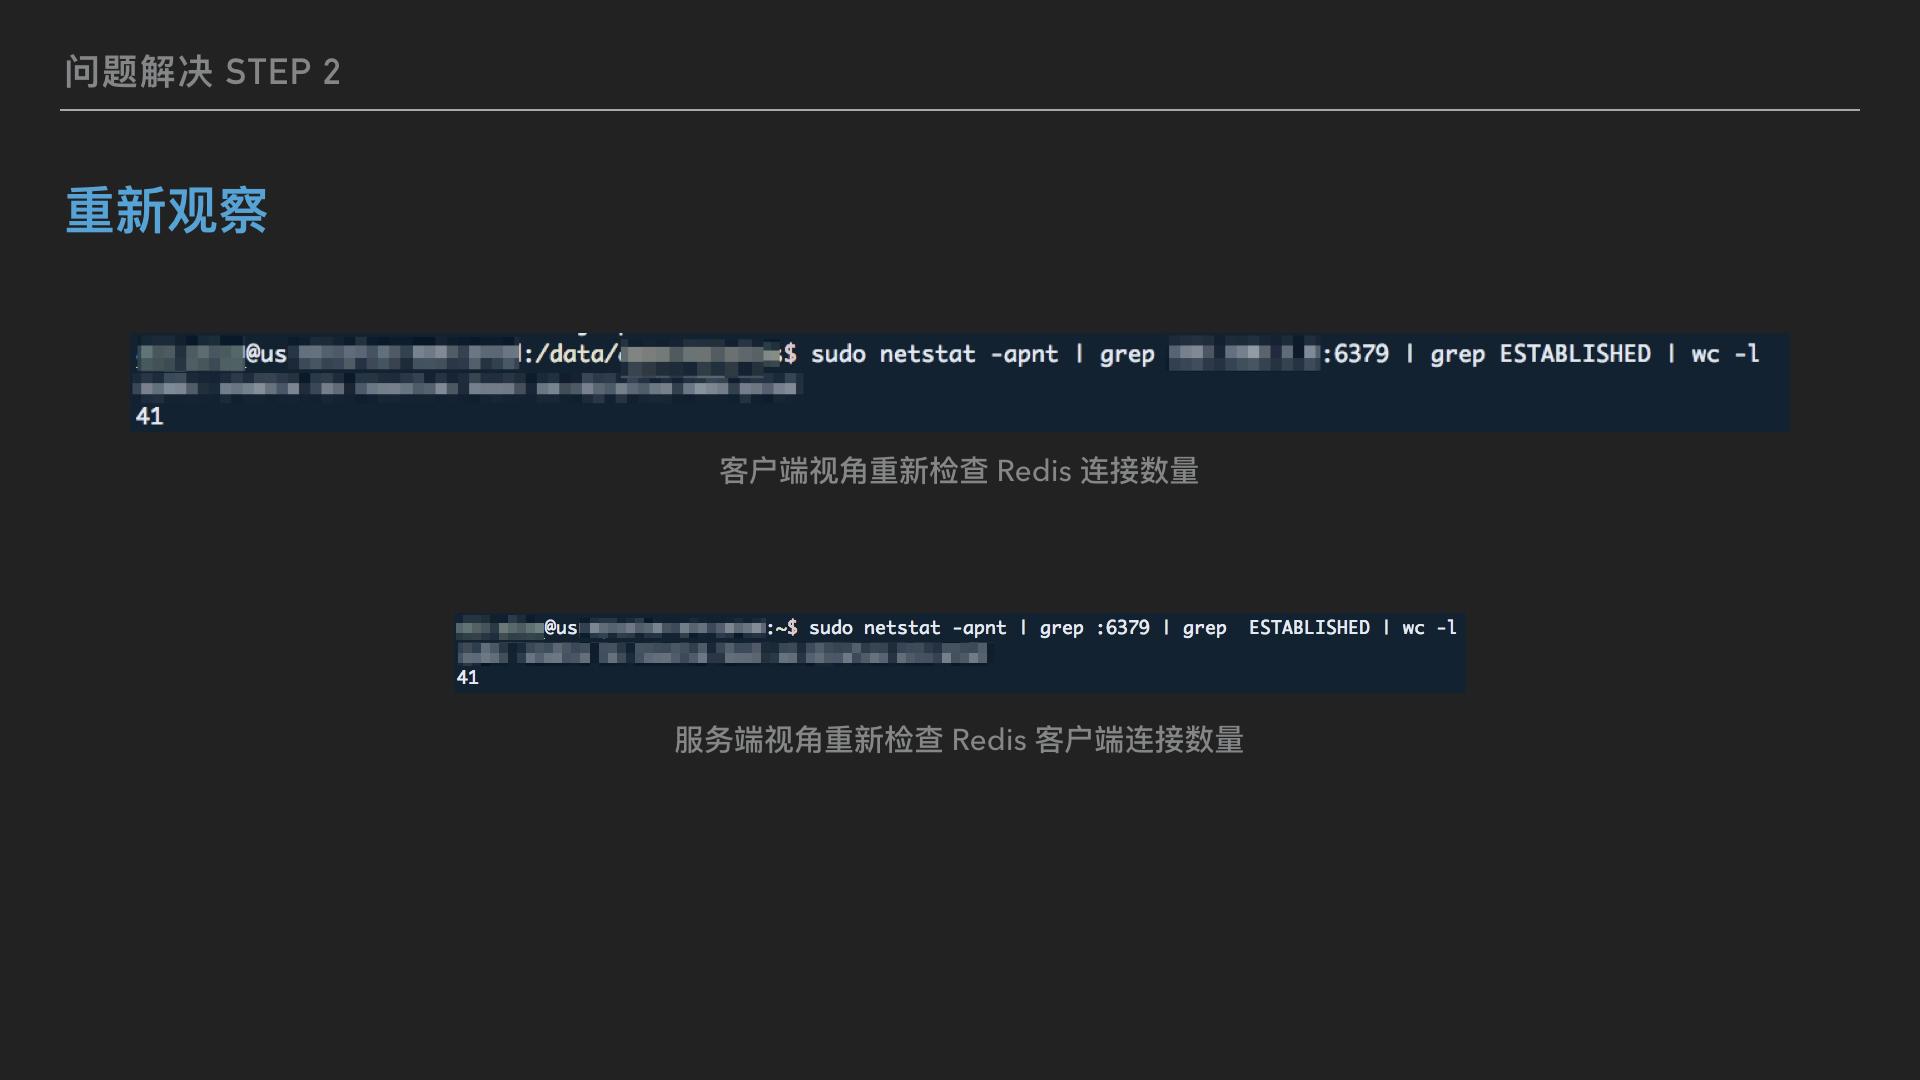 配置生效重启后,多次重新检查两端看到的连接数,都一直保持一致了,说明服务端能正常释放一些 idle 连接了。